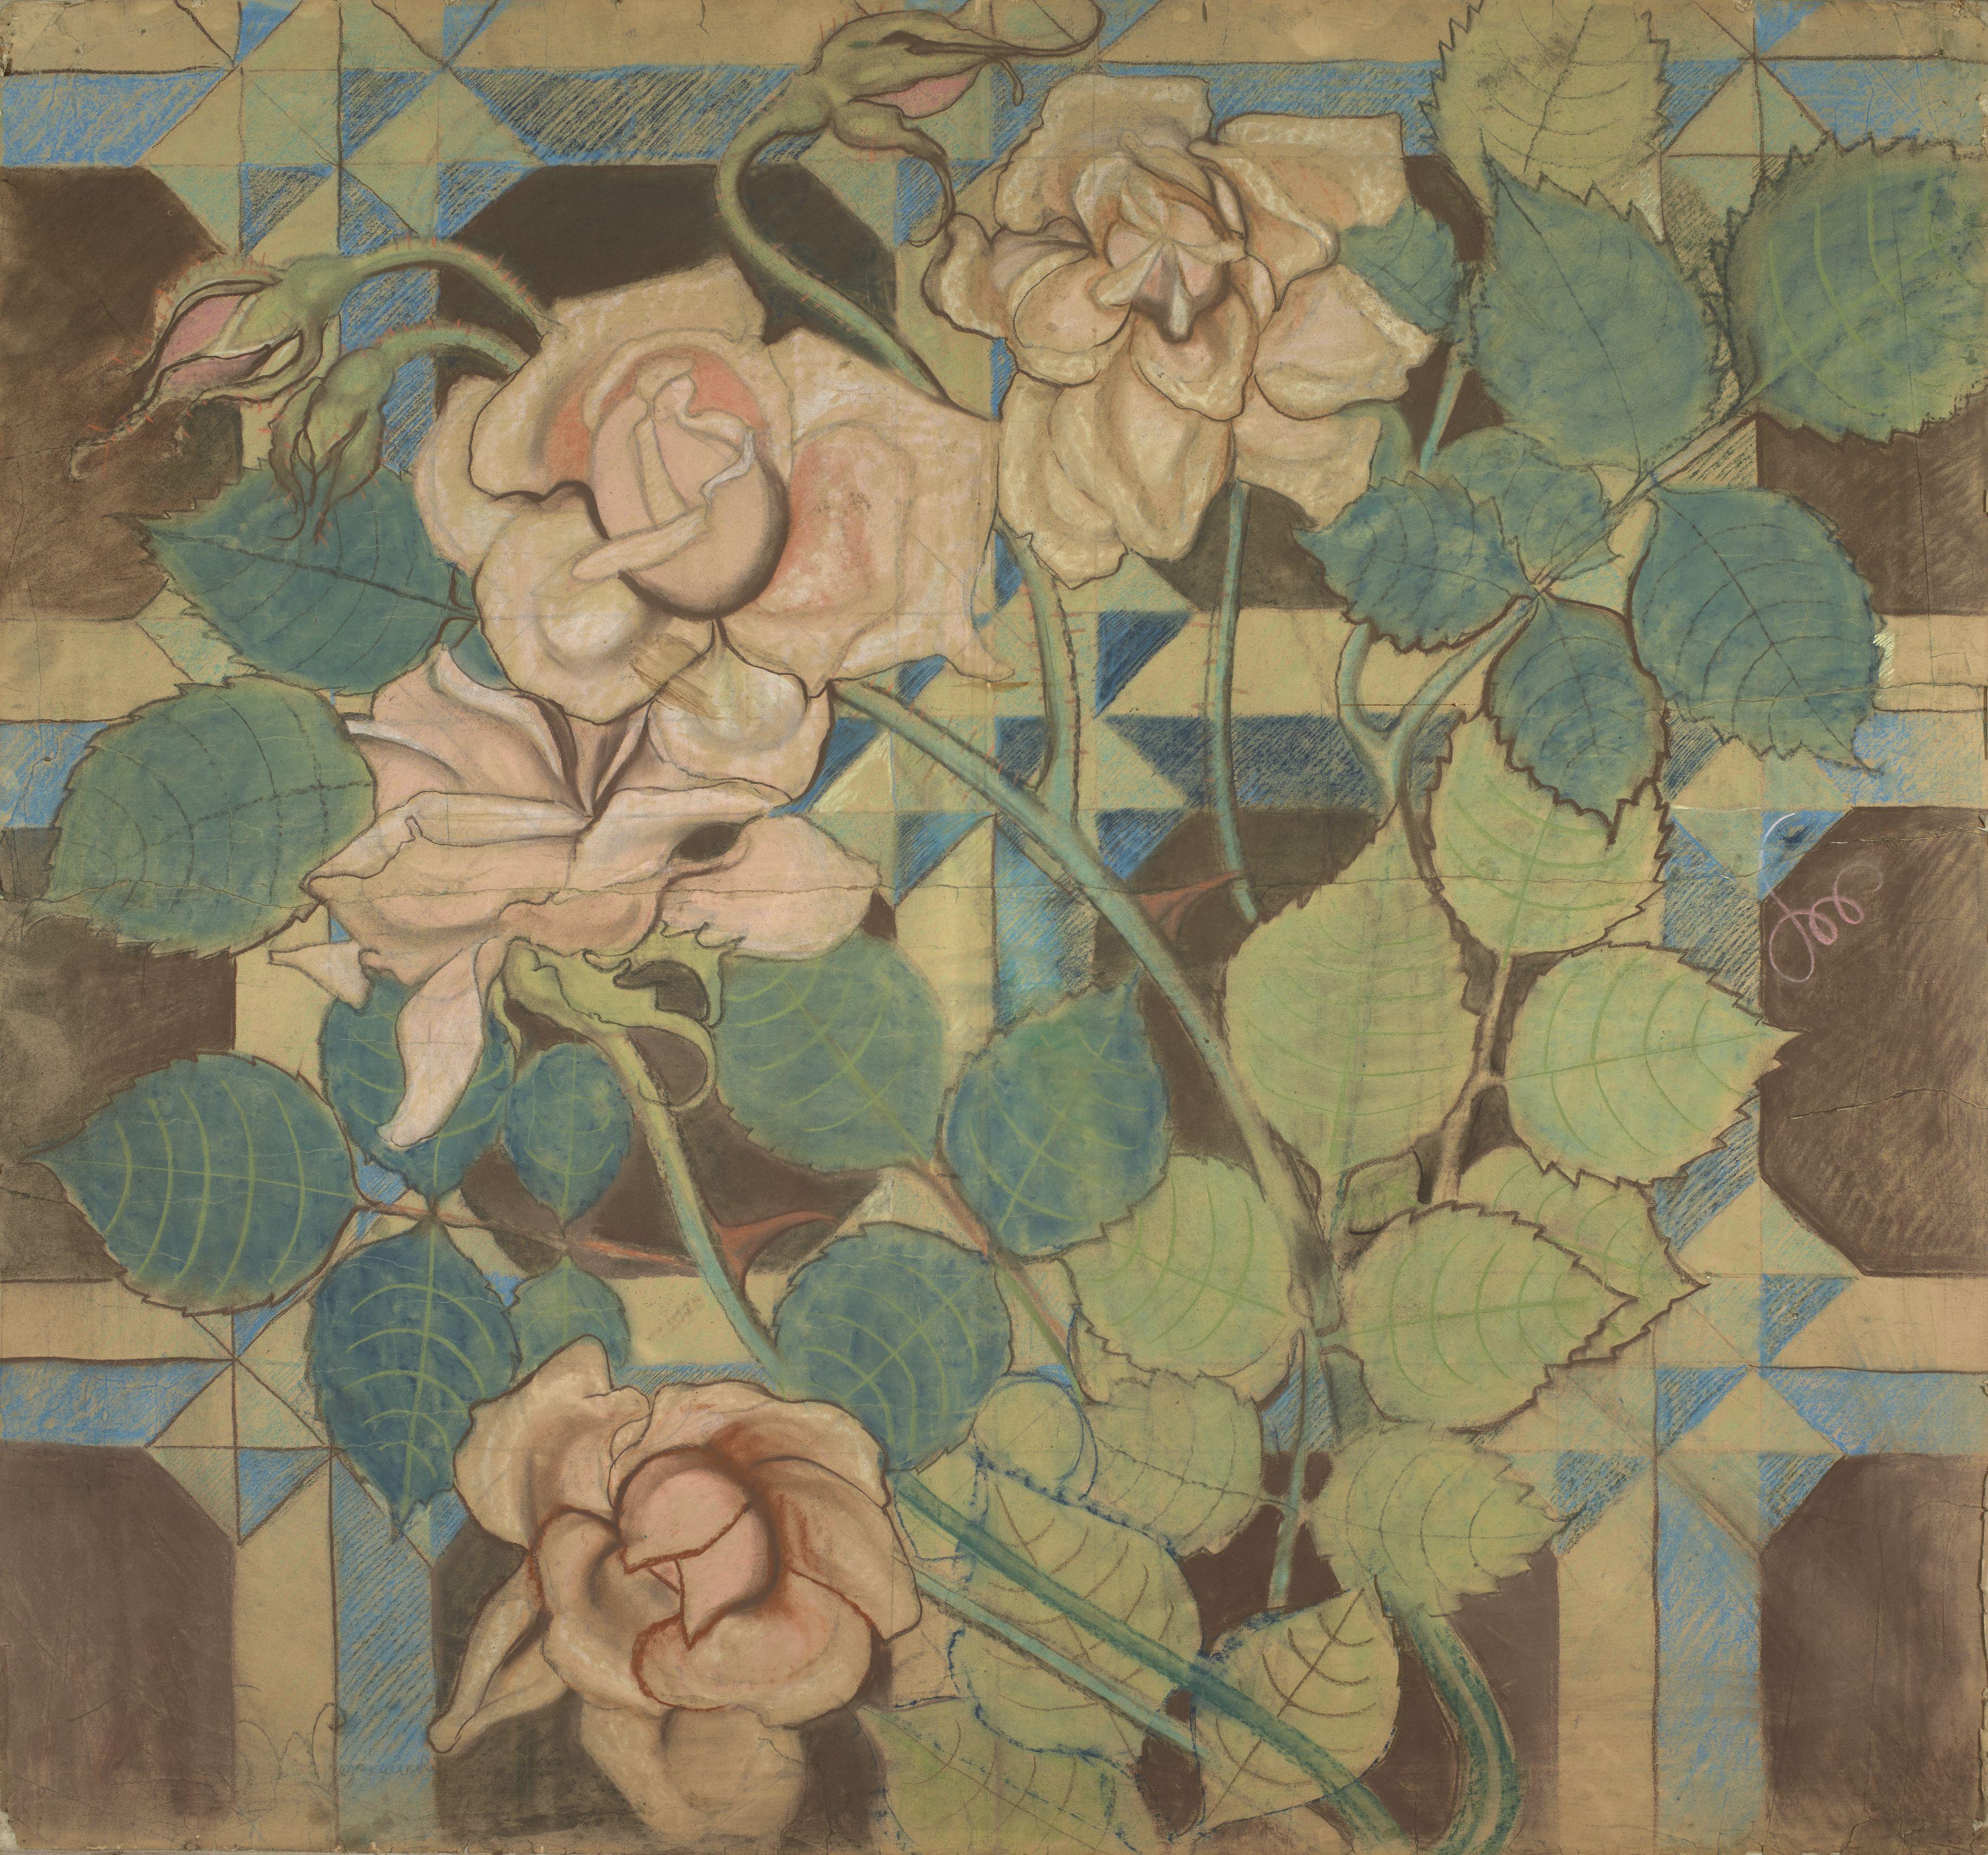 Róże, projekt dekoracji malarskiej, projekt. fot. MNK